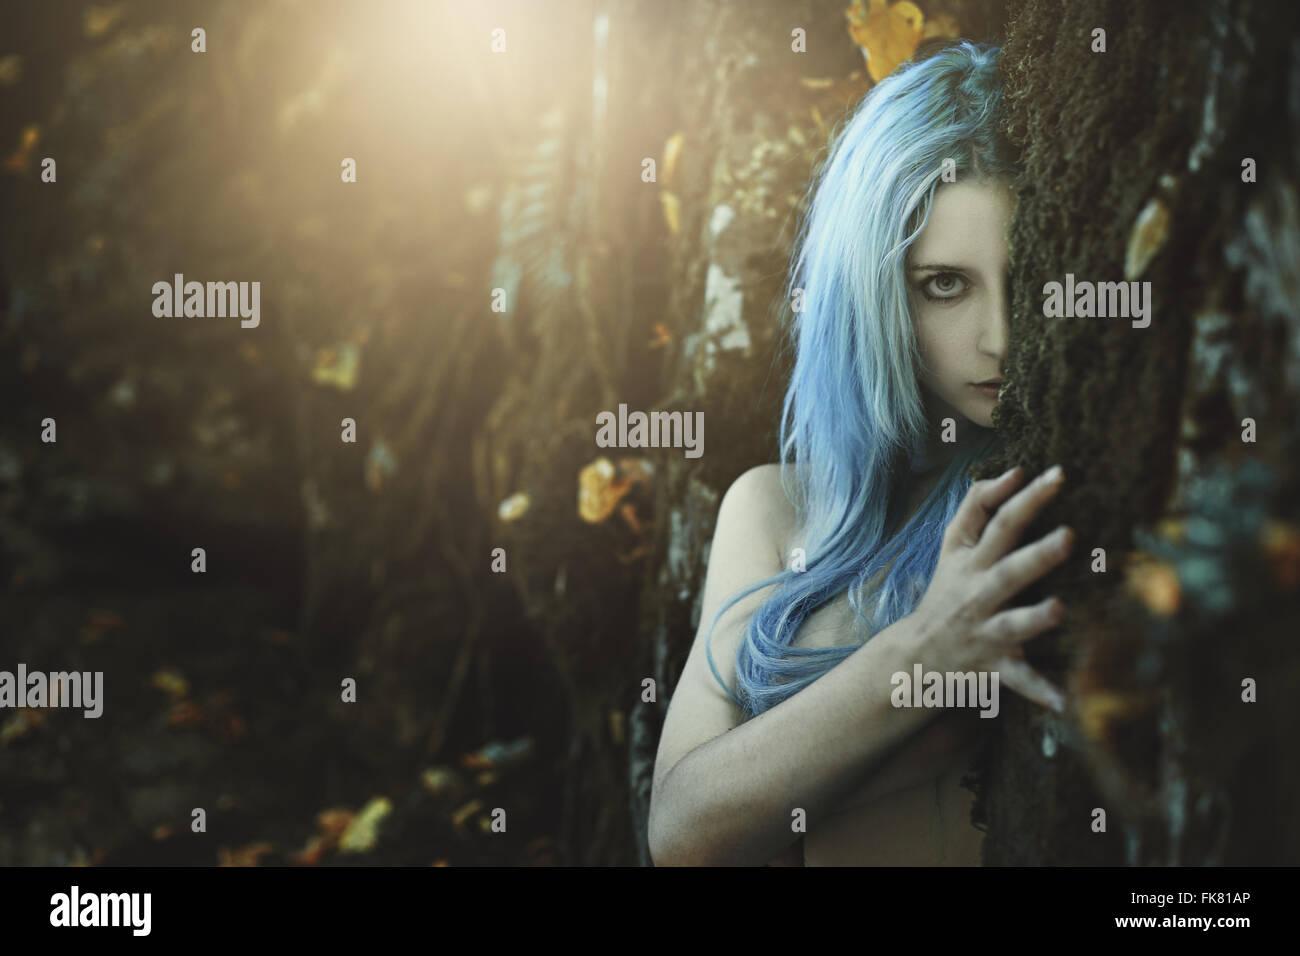 Bambino scuro della foresta . La fantasia e il mito Immagini Stock